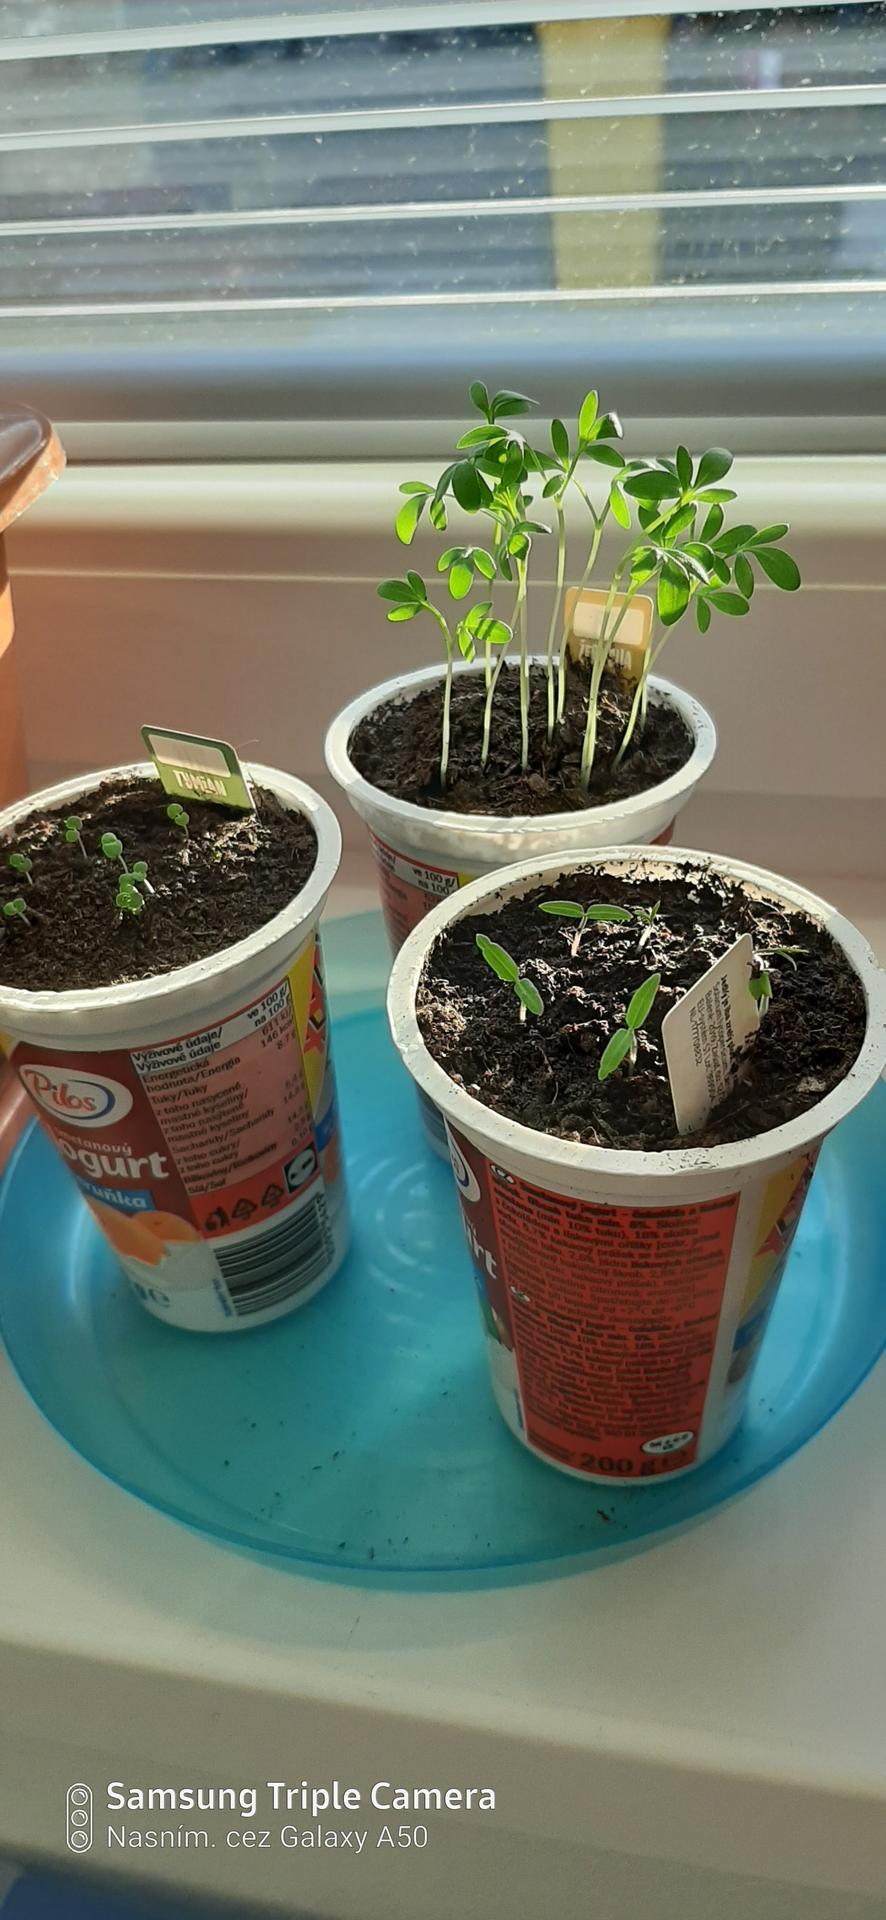 🏠🌞🌺❤🌷 Zahrada a jej dalsi rok...2020 🌱🐞🐛🦋🍓🥕🍅🌺❤ - Decka si posadili semienka z Kauflandu. Paradajky,tymian,zerucha.